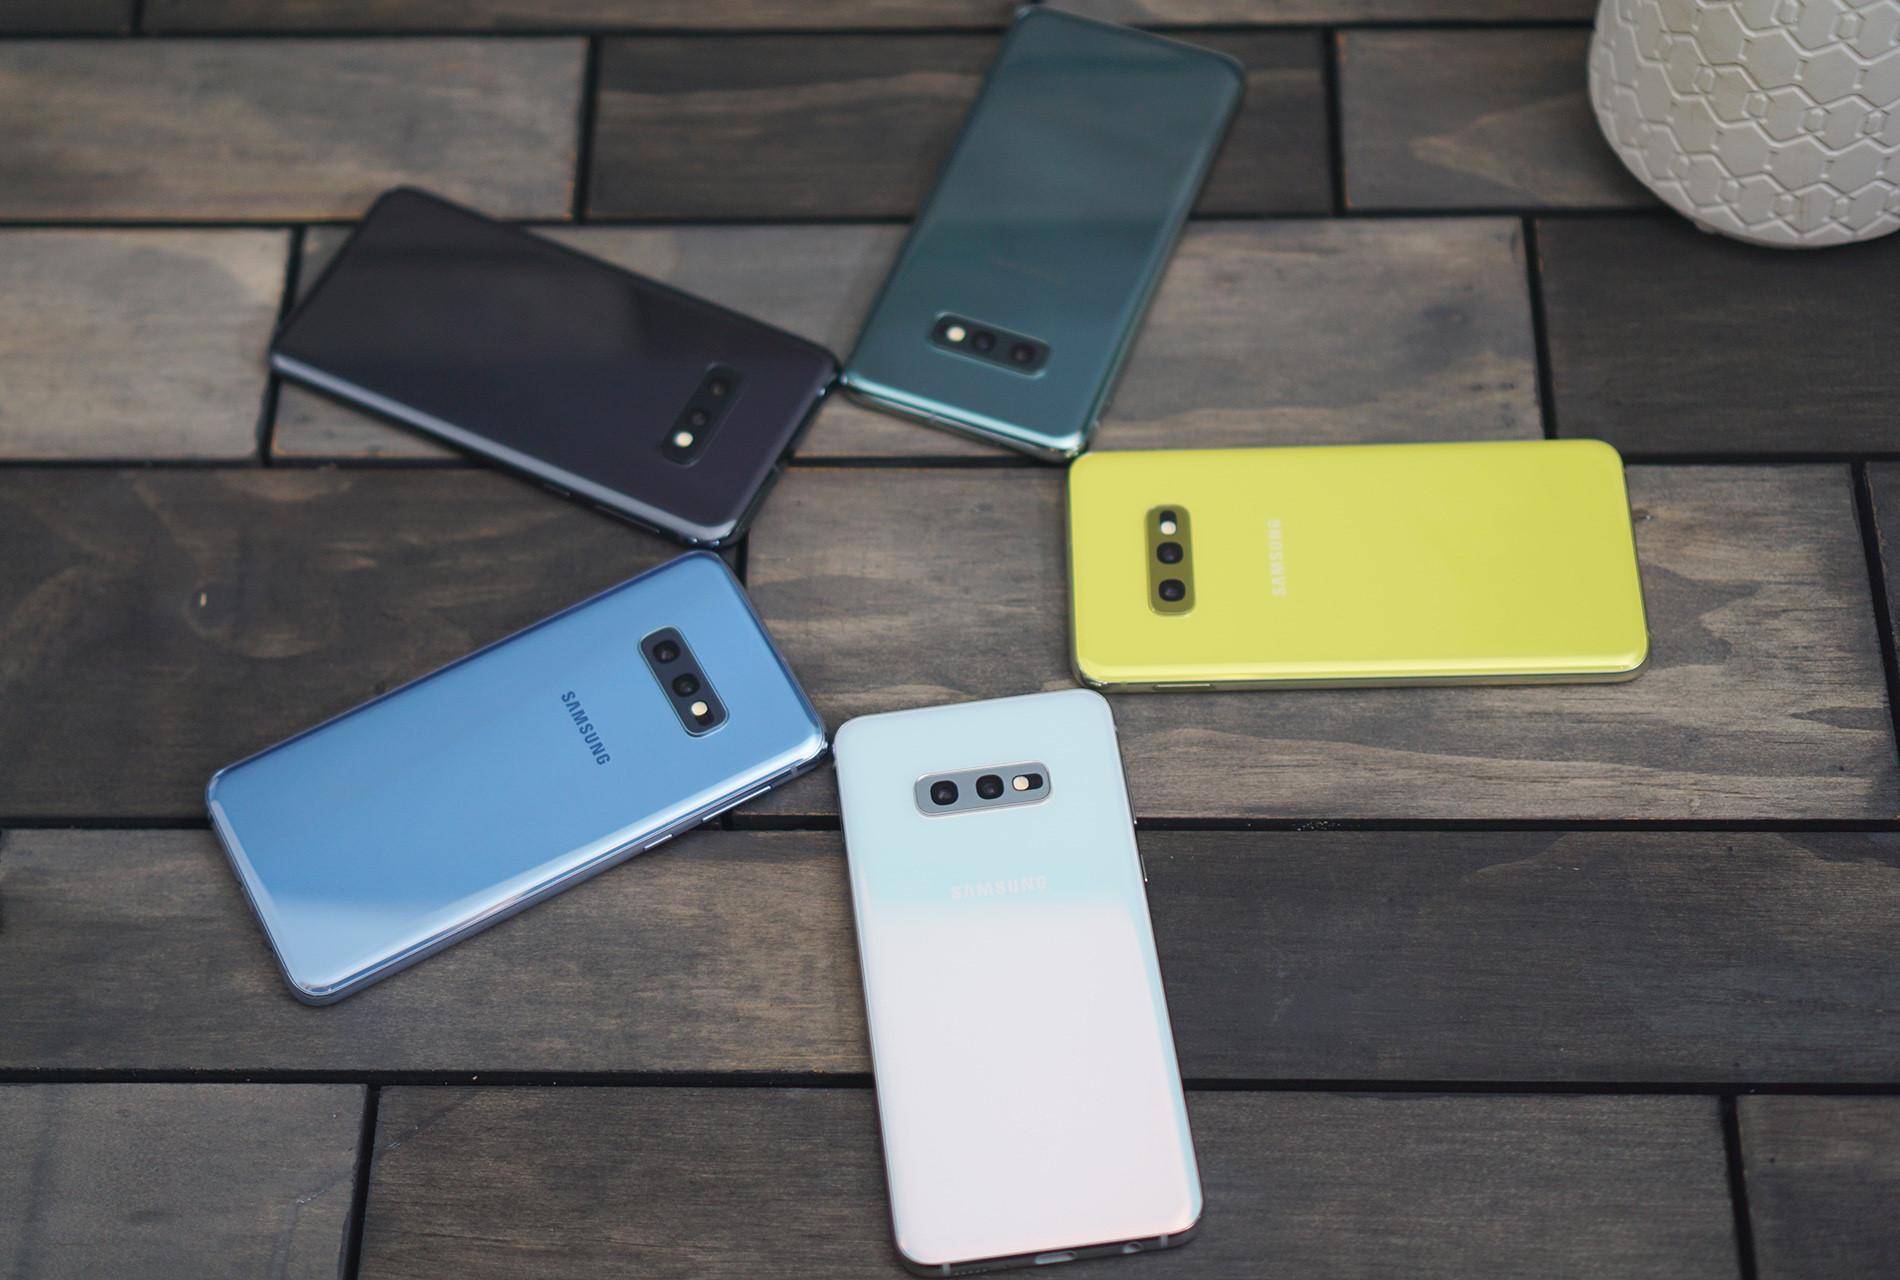 Chi tiết Galaxy S10e - vũ khí bí mật của Samsung? Ảnh 1